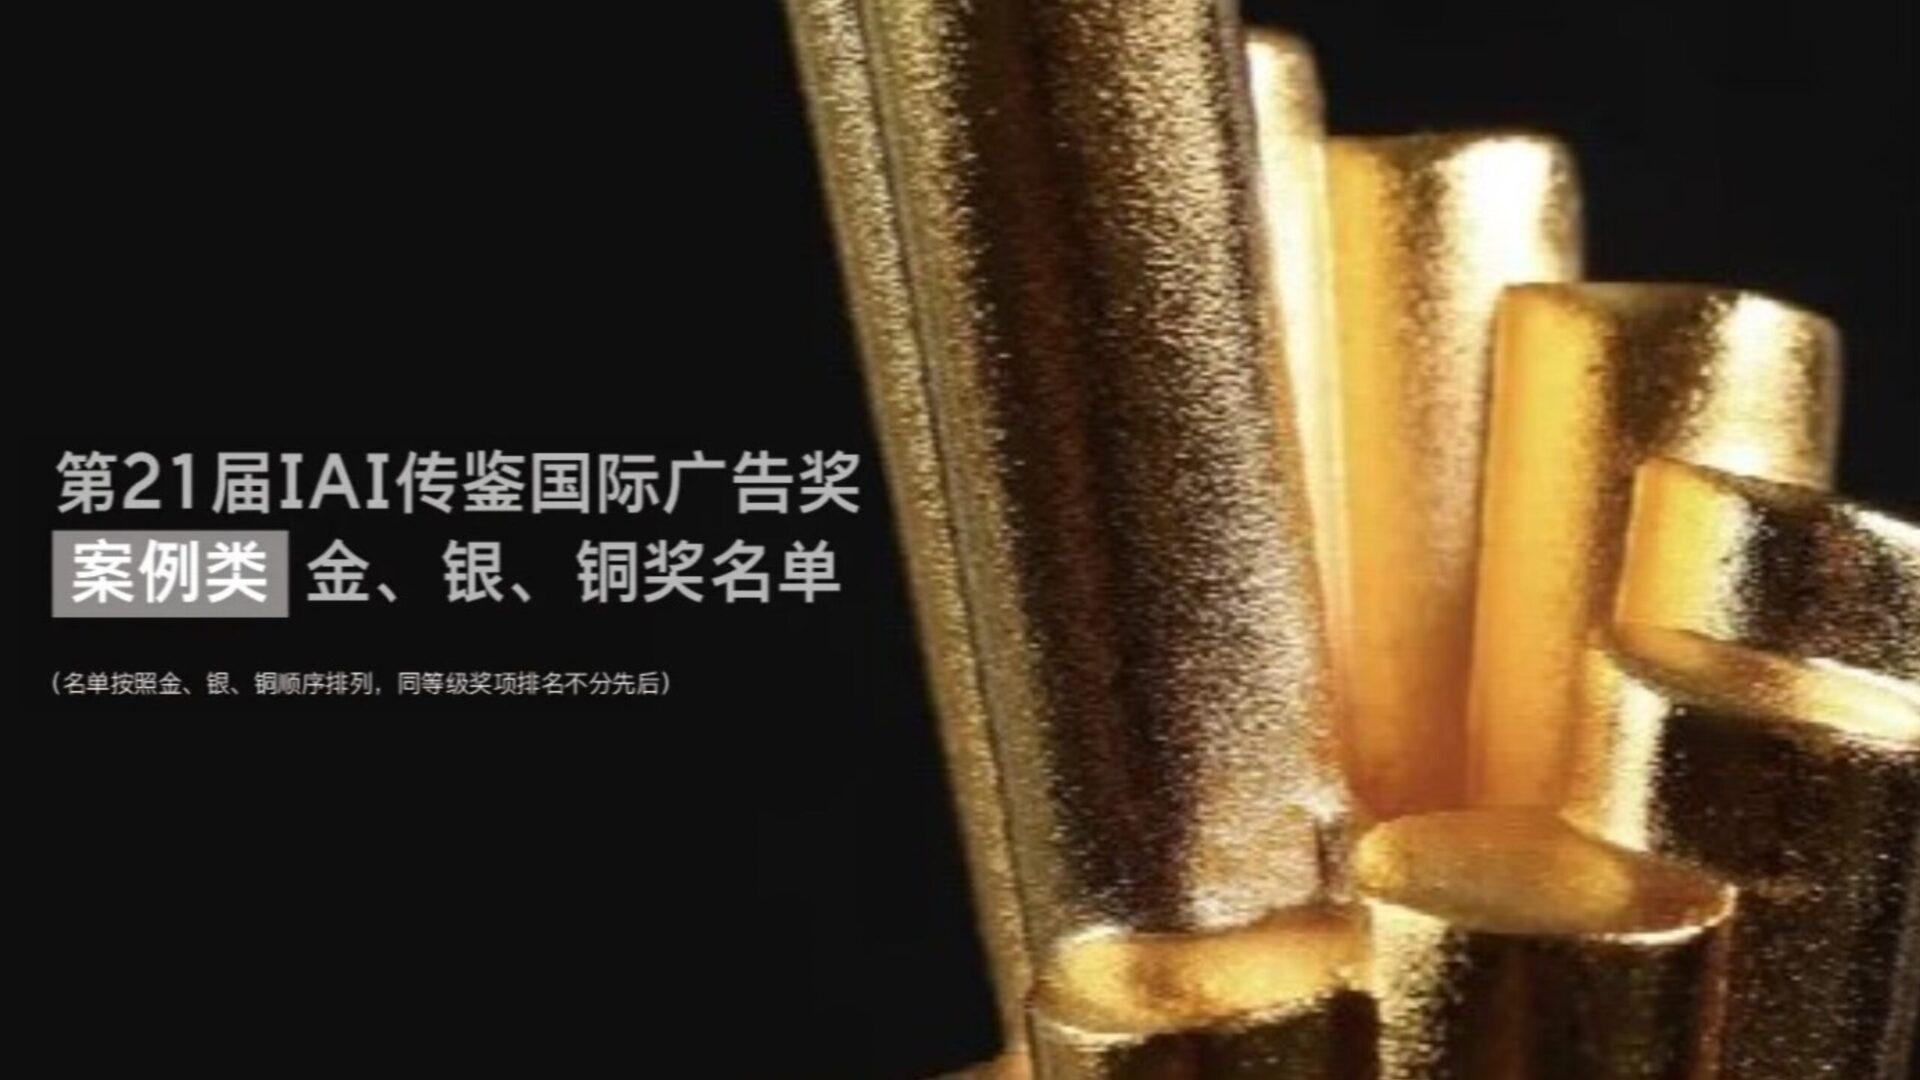 中国で権威のある「IAI国際広告賞」にてポリスターが銀賞を受賞